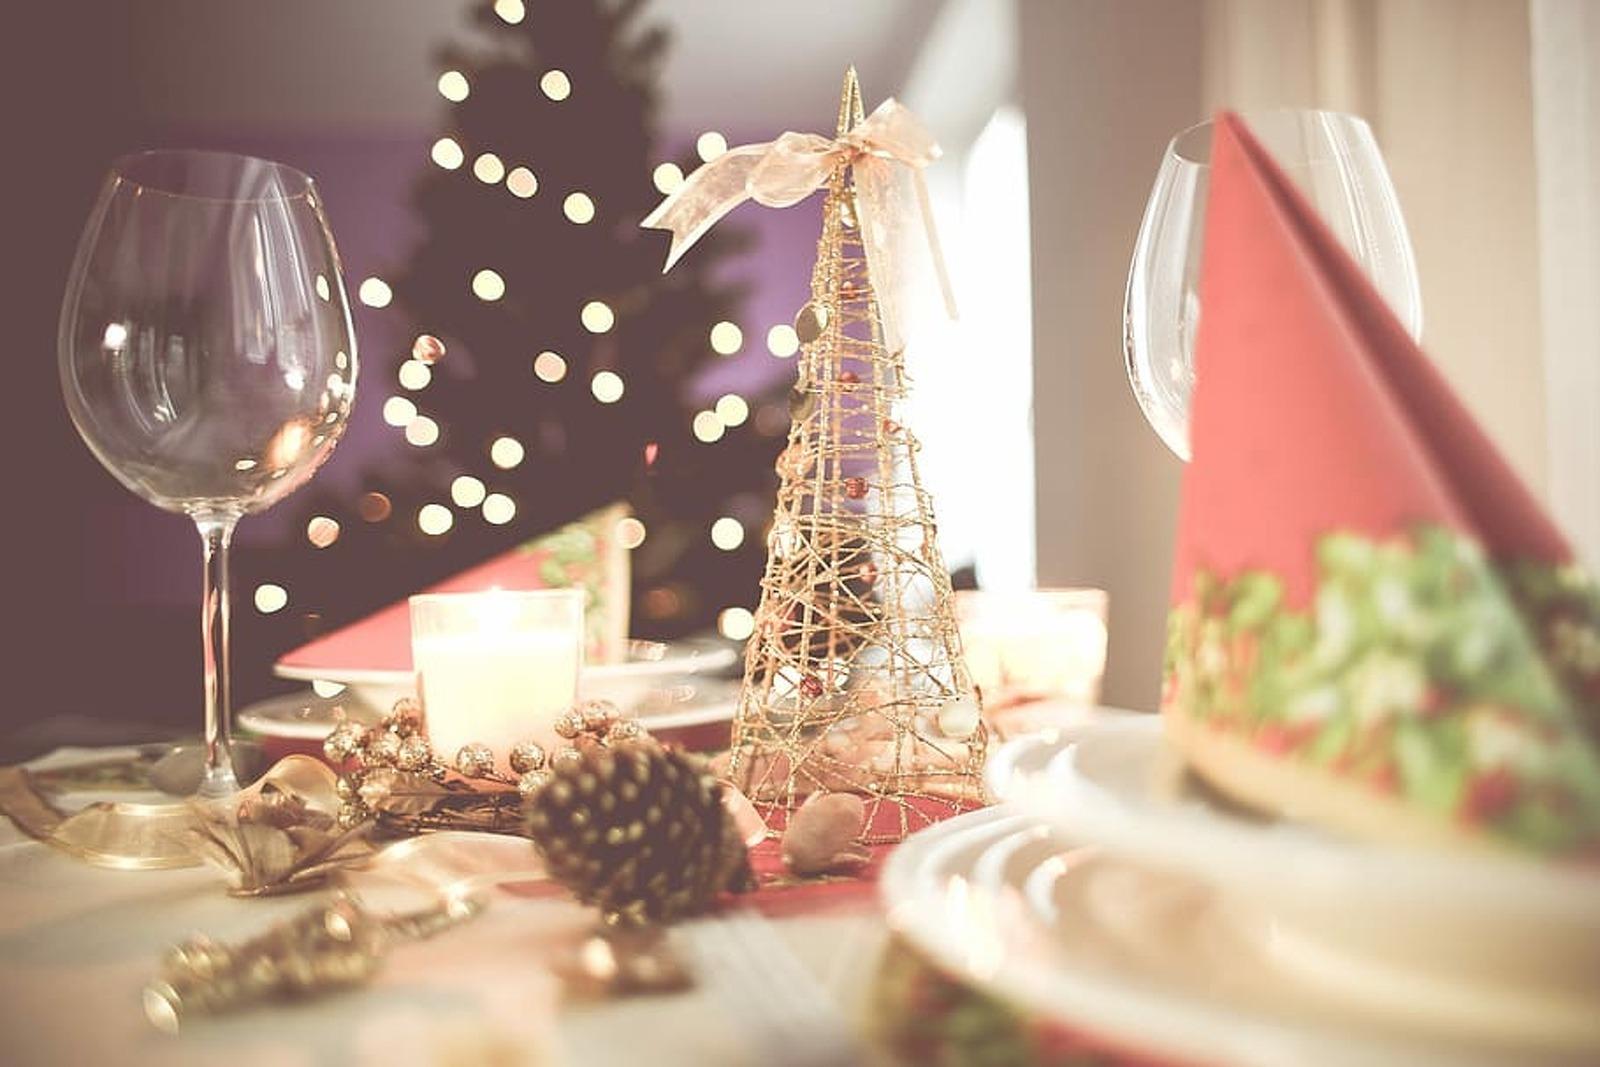 Una taula a punt per a un àpat nadalenc